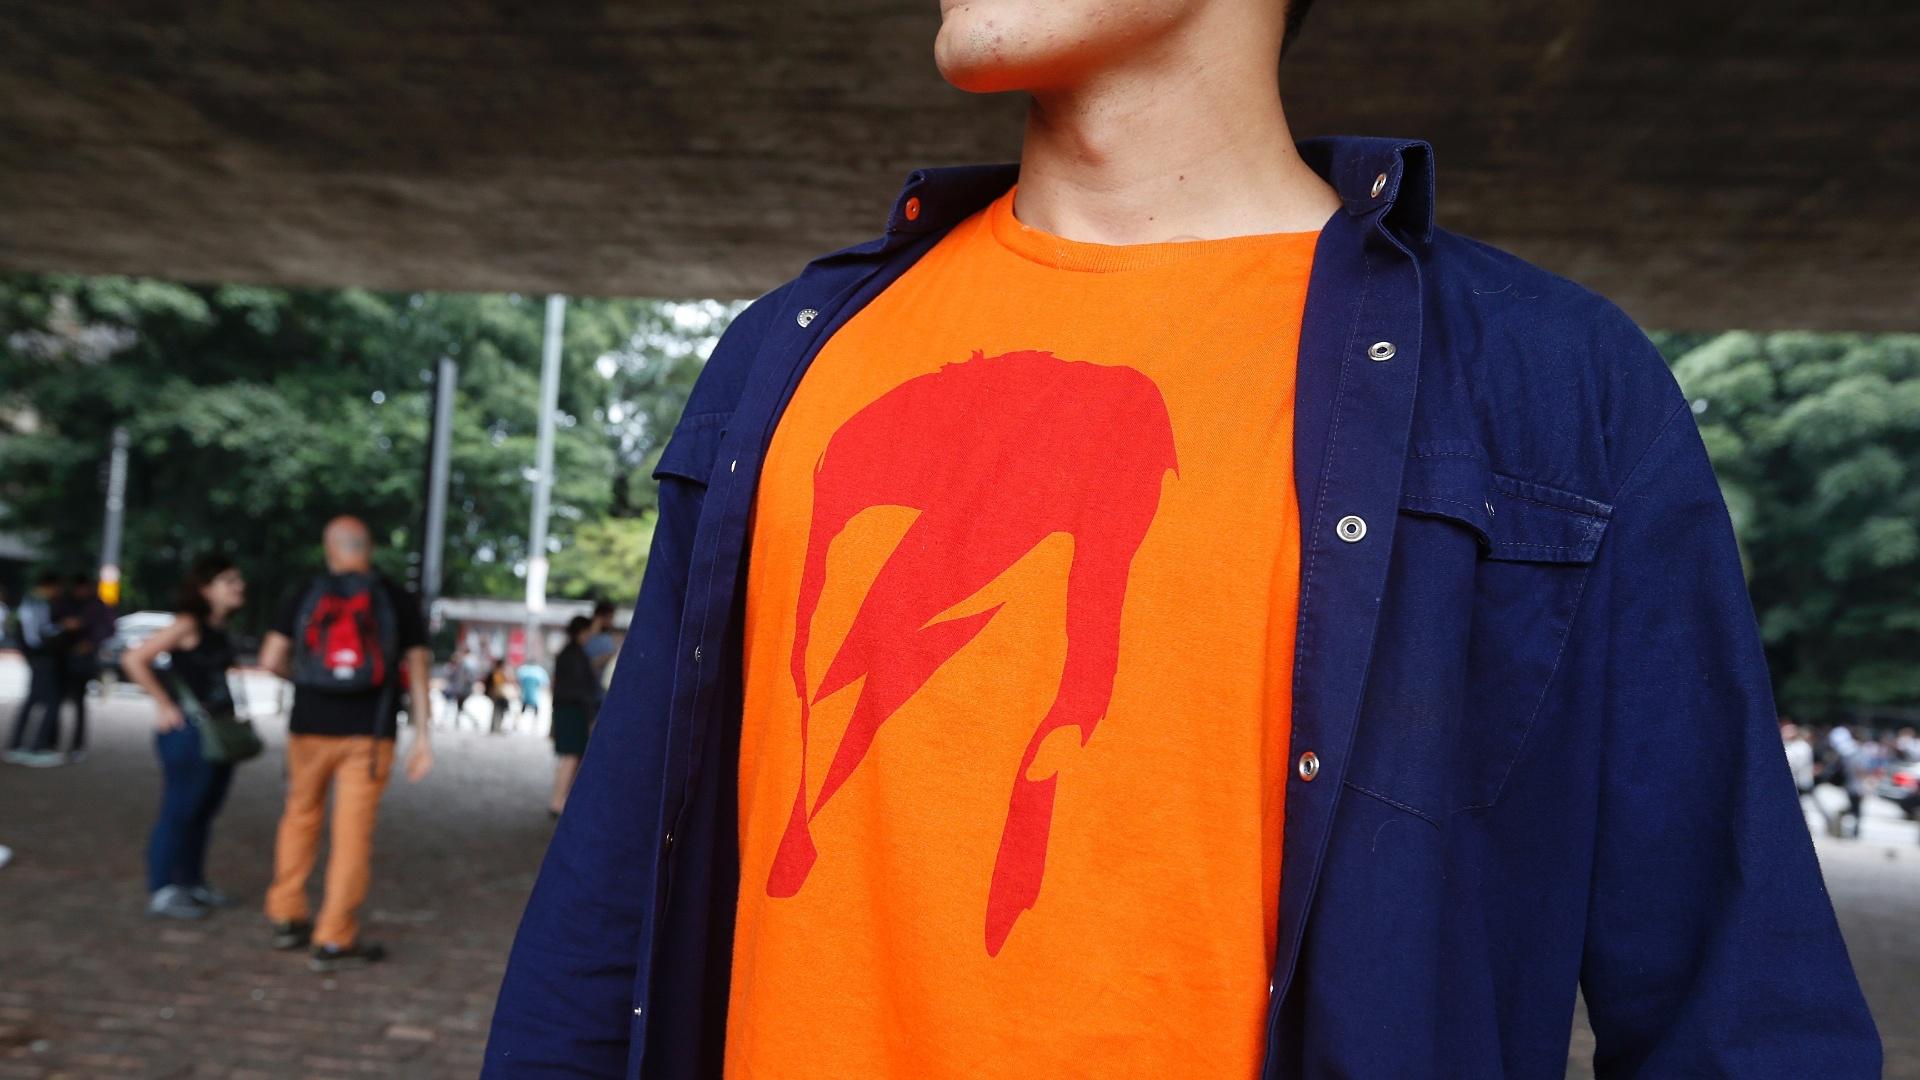 11.jan.2015 - Fãs de David Bowie organizaram um flash mob no vão livre do Masp para homenagear o cantor britânico que morreu no domingo